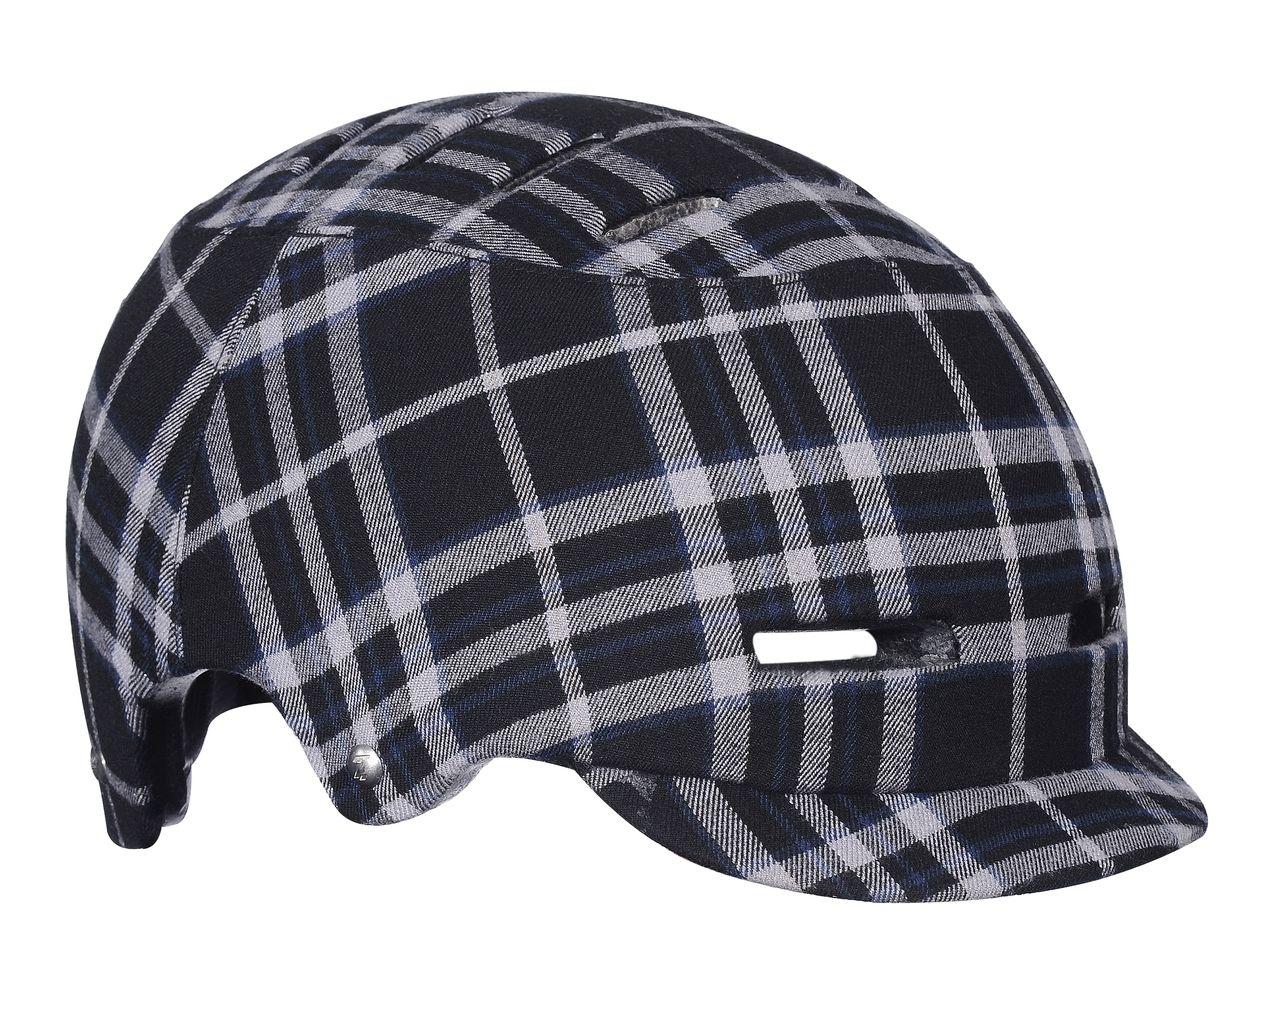 Casque Lazer CITYZEN Grey Checkered - M (55-59)